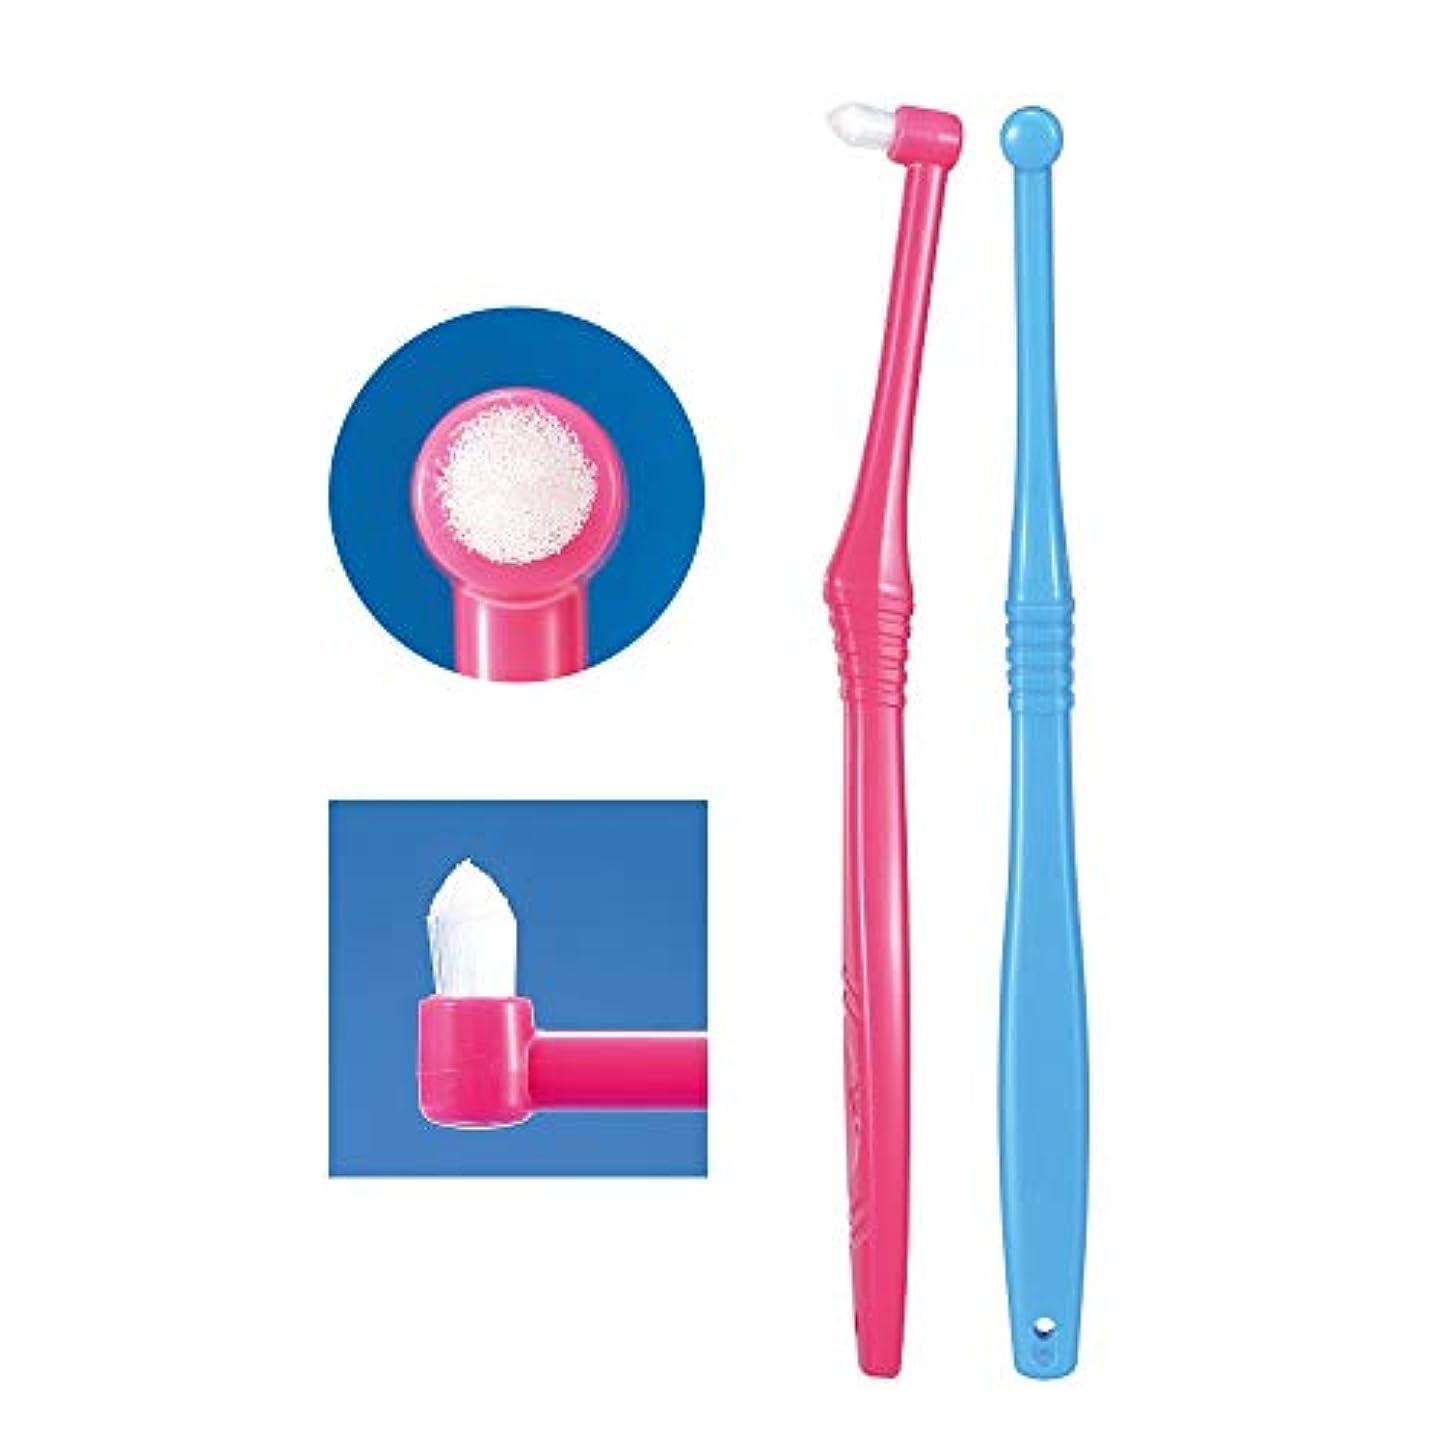 感謝初期シュリンクCi PROワンタフト 1本 ラージヘッド M(ふつう) ポイント磨き 歯科専売品